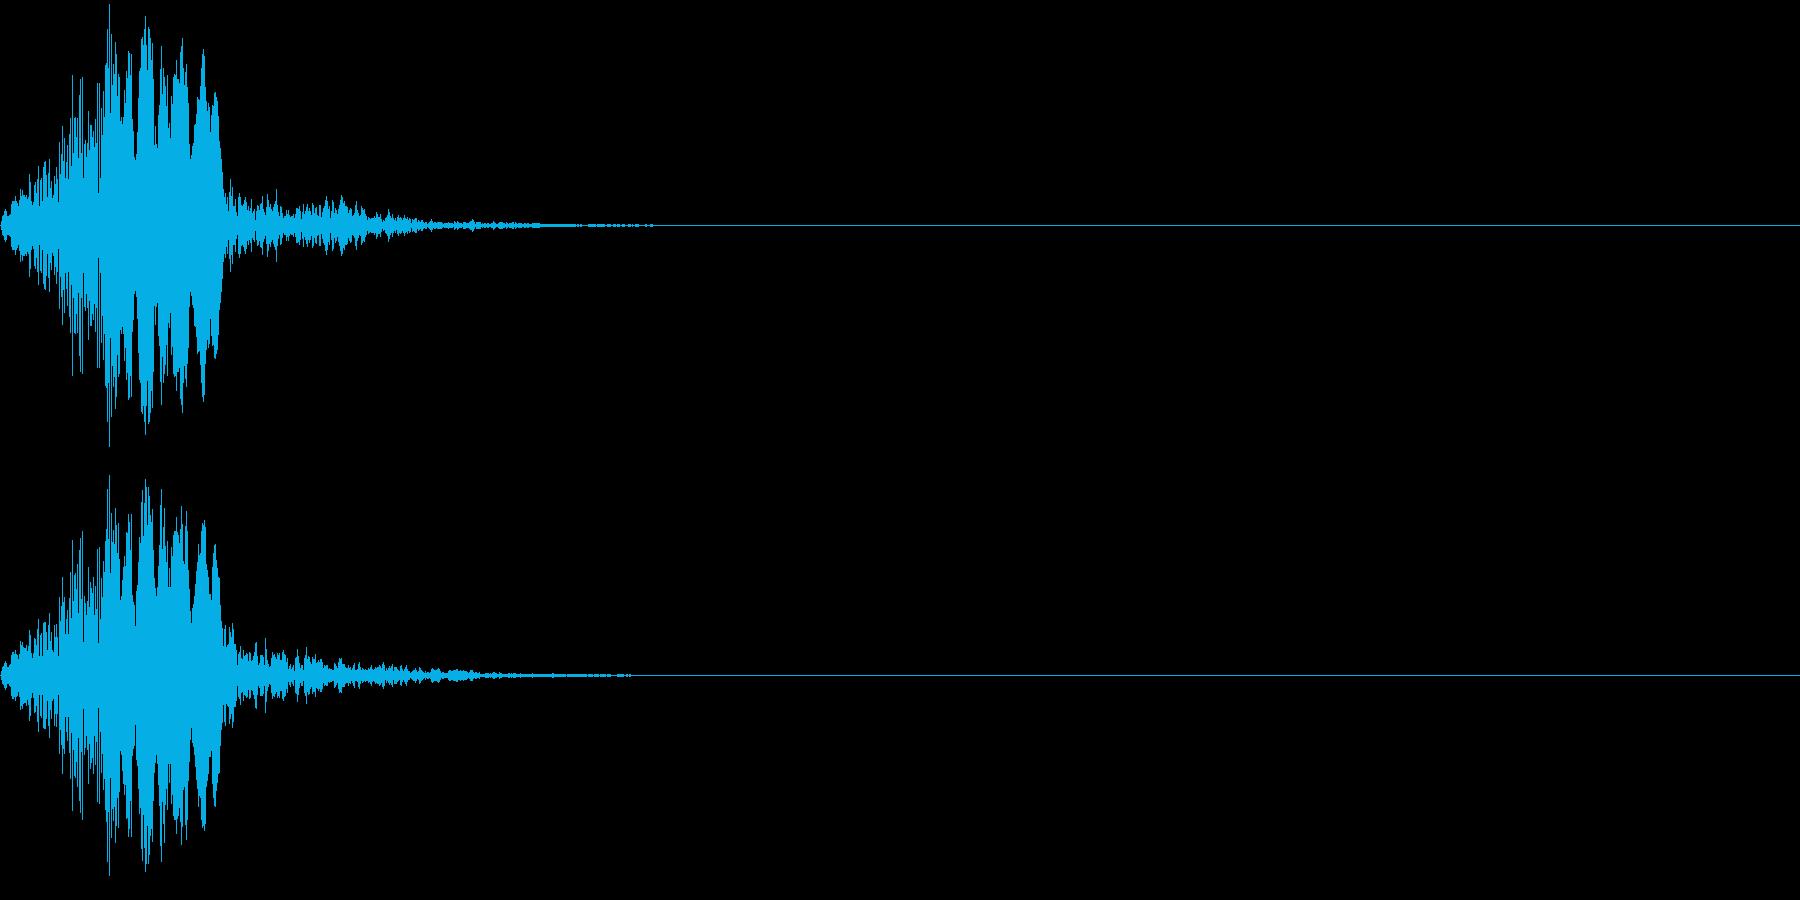 【ピッ】決定・ボタン・カーソル移動の再生済みの波形